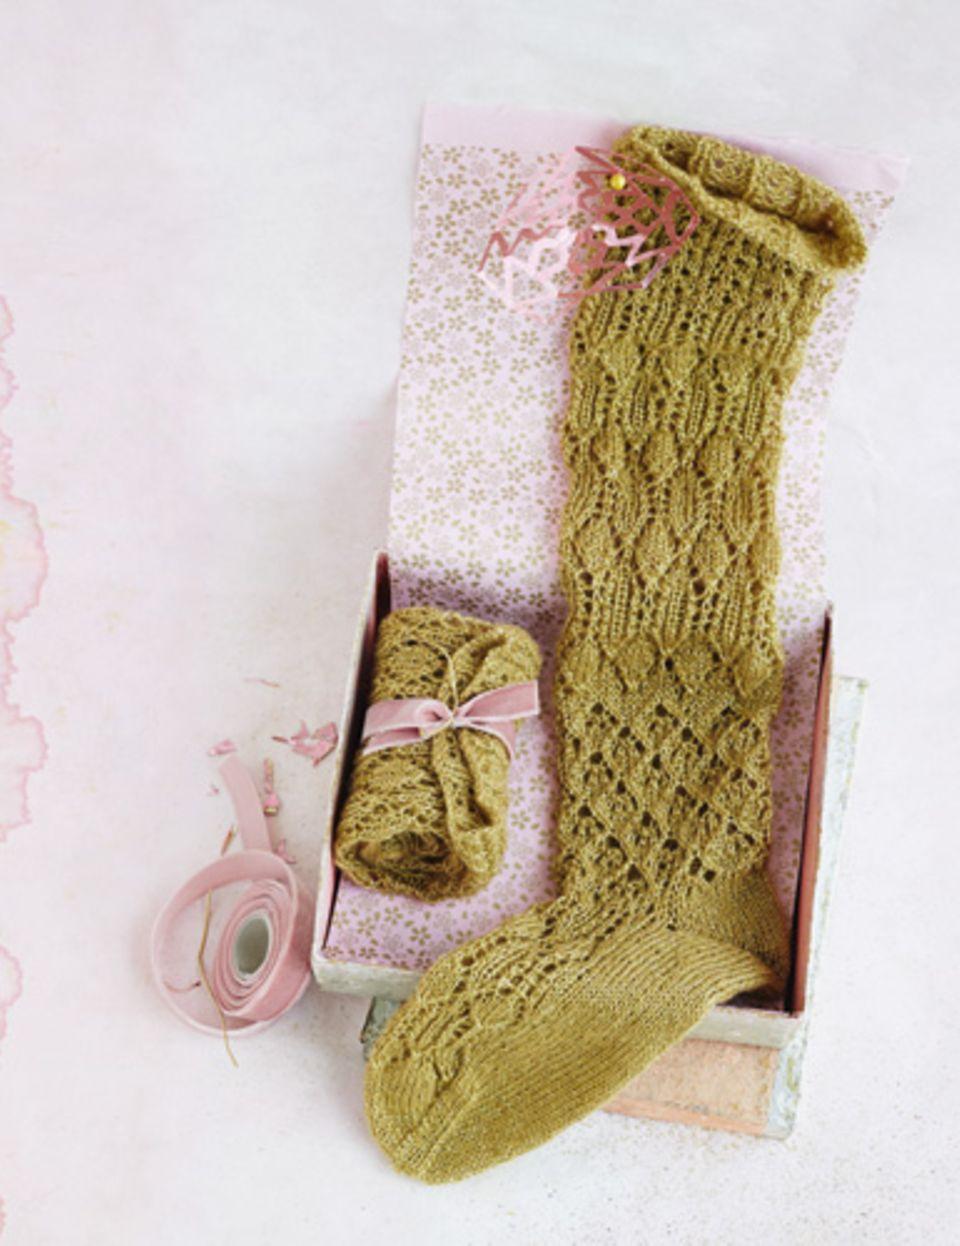 Wer Strümpfe stricken will, muss ein bisschen Übung haben. Aber der Aufwand für diese Kniestrümpfe mit Ajourmuster lohnt sich - versprochen!  Zur Anleitung Strümpfe stricken